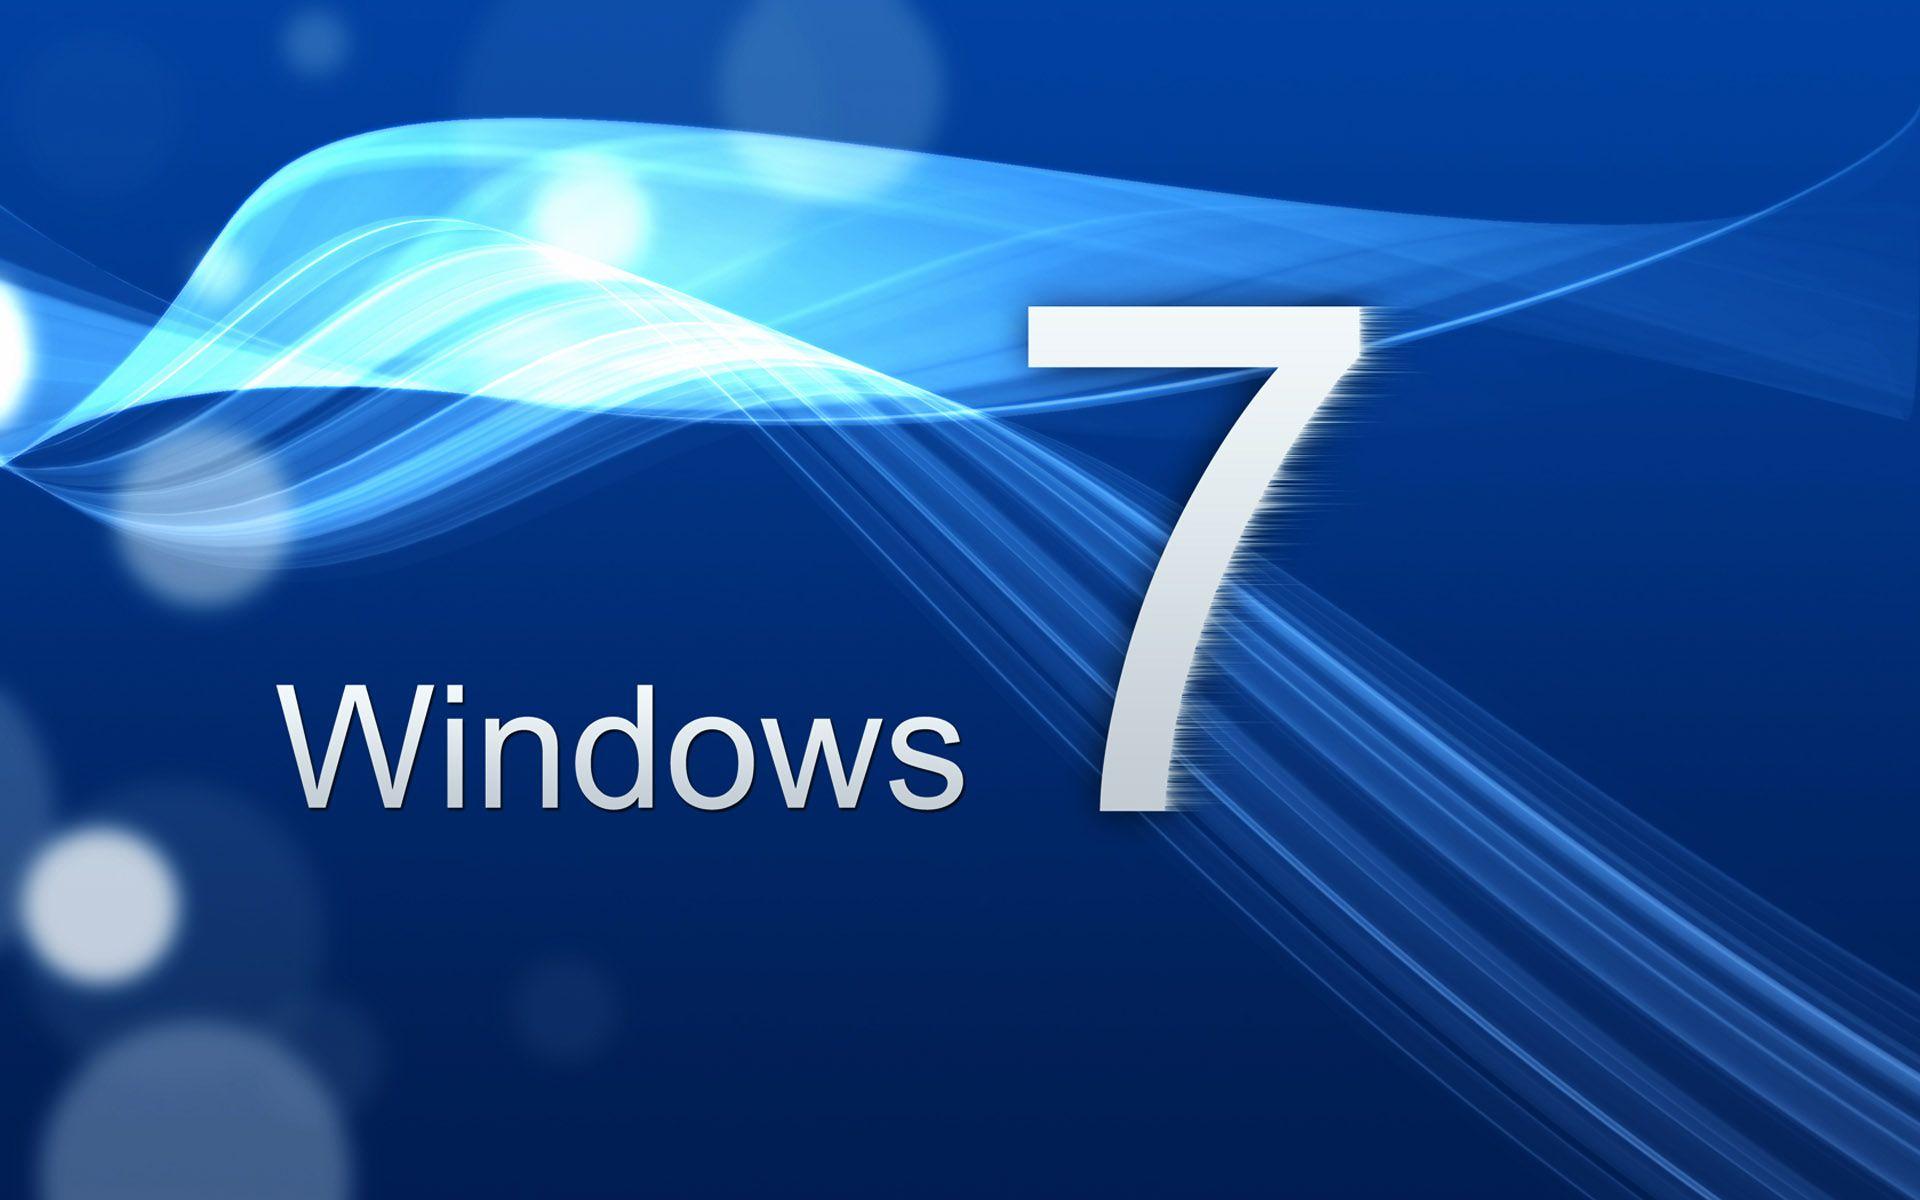 cool windows-7 background hd widescreen wallpaper | m2 | pinterest